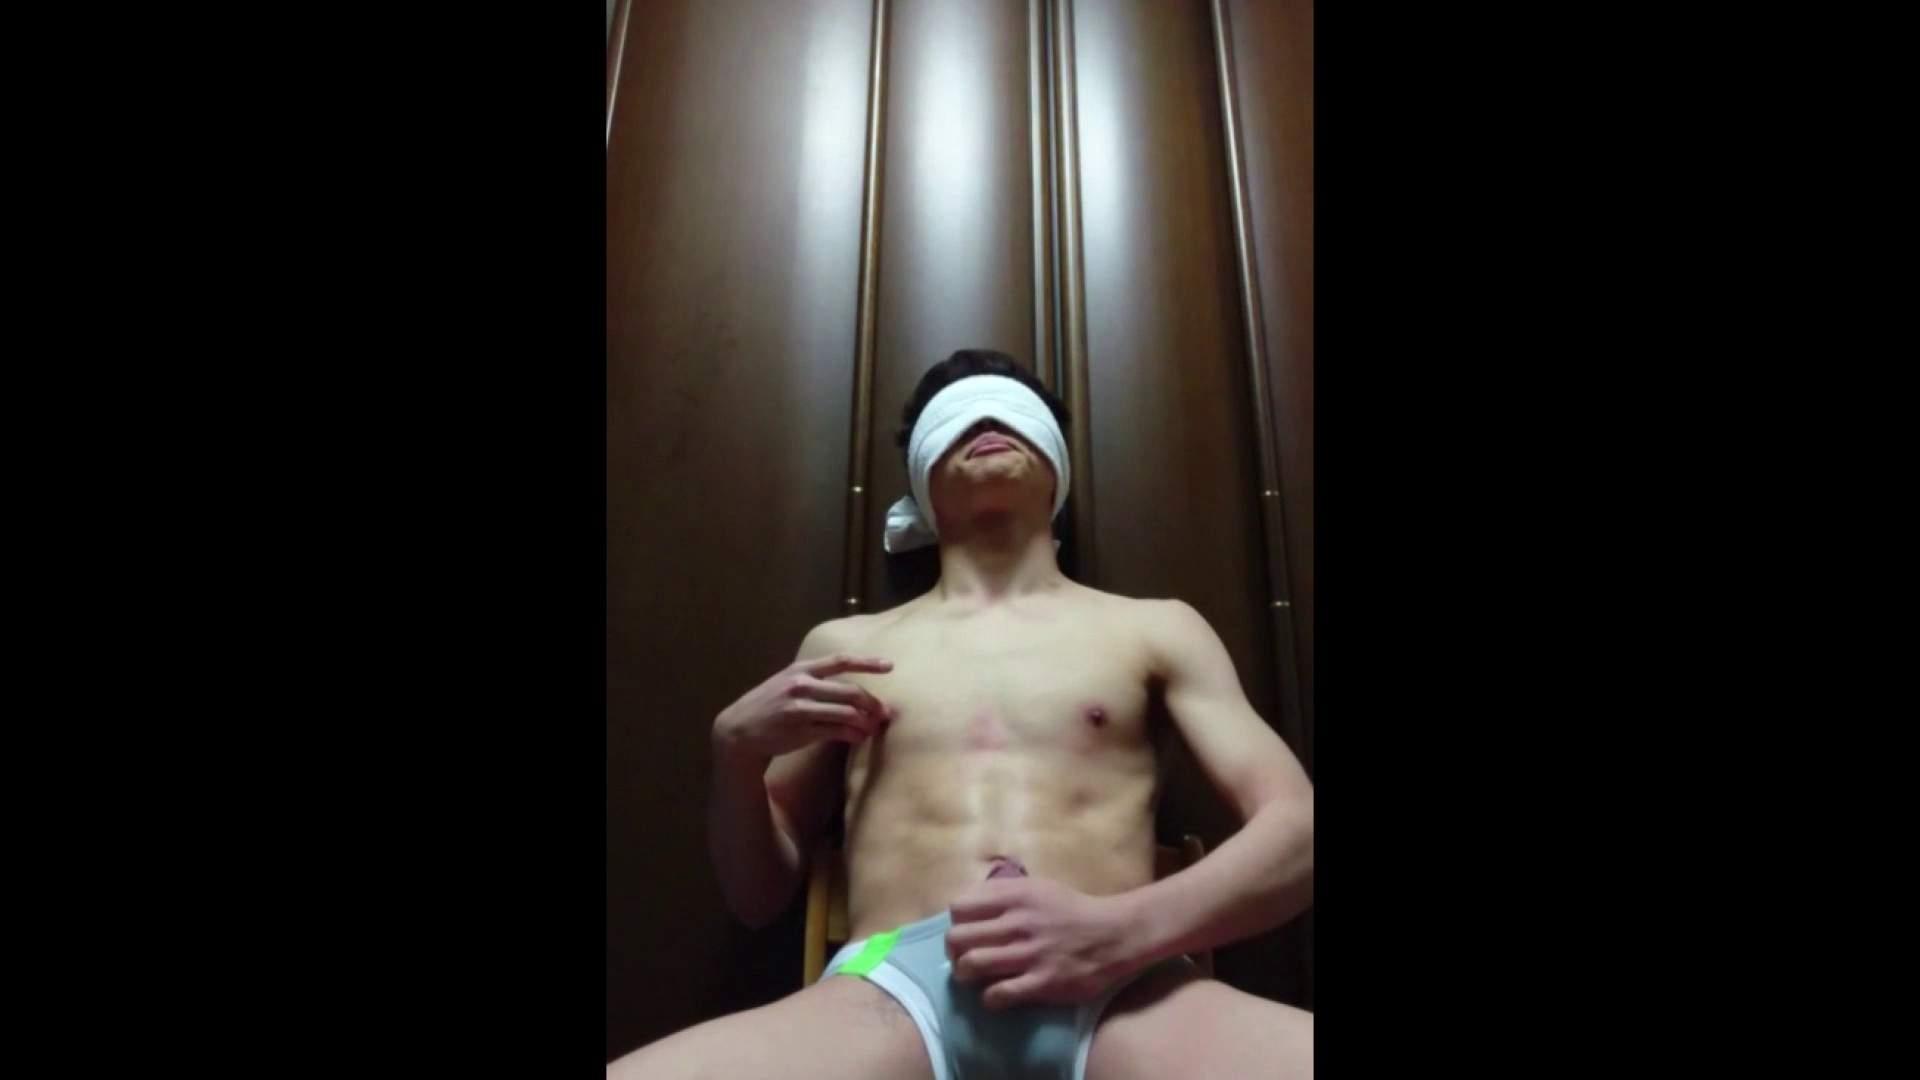 個人撮影 自慰の極意 Vol.21 オナニー  59pic 47